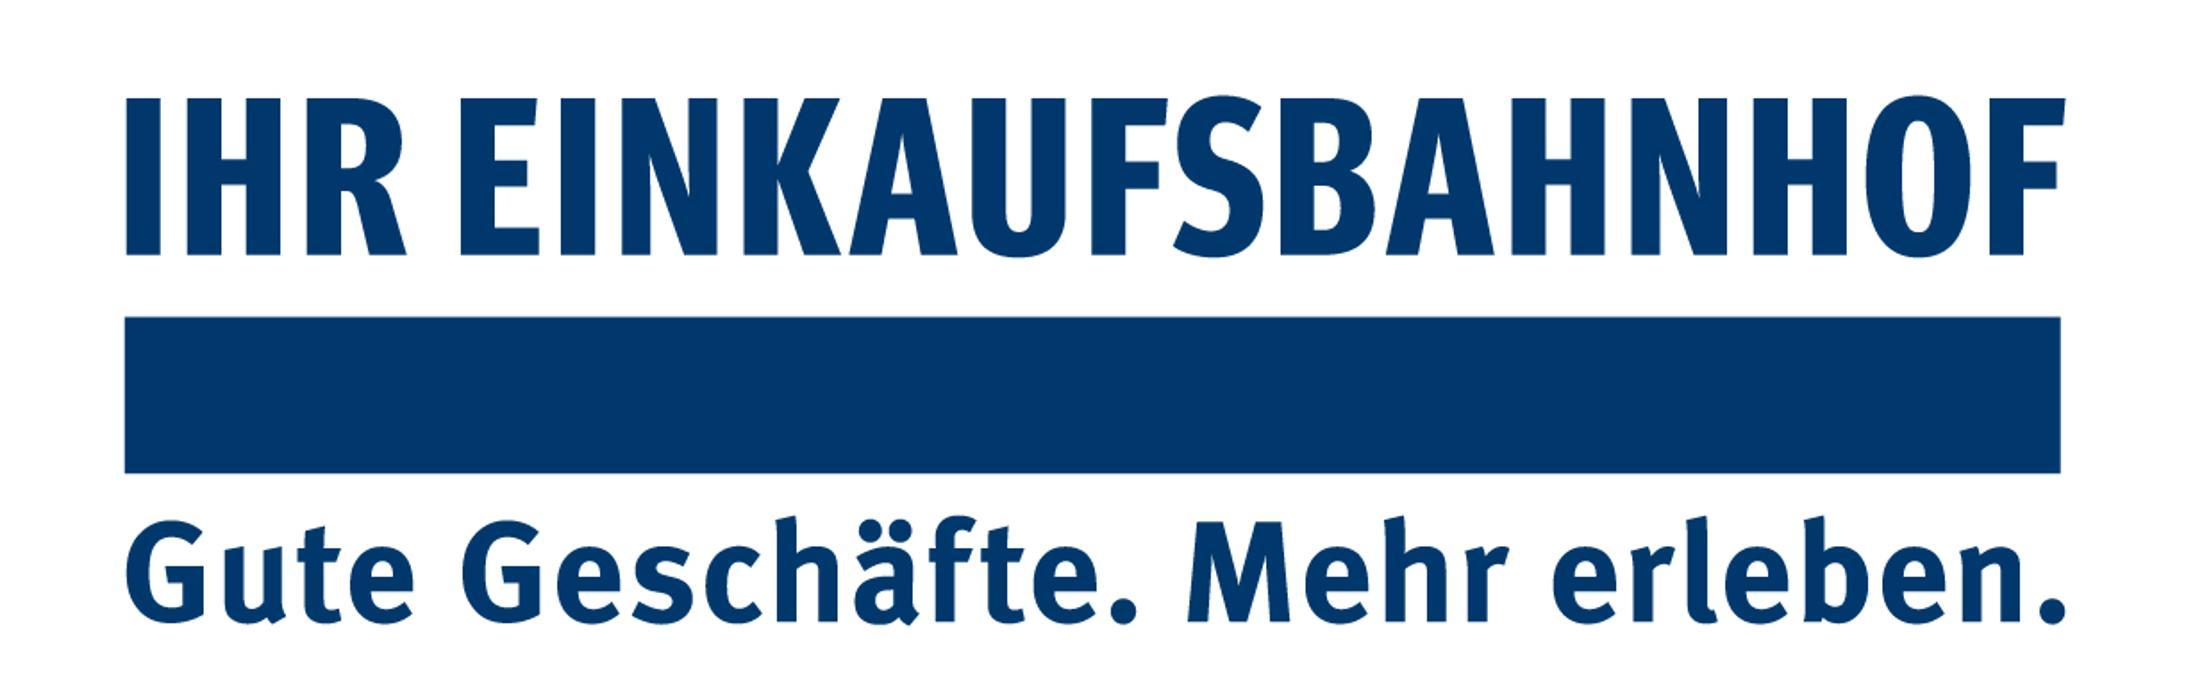 Einkaufsbahnhof Hamburg Dammtor